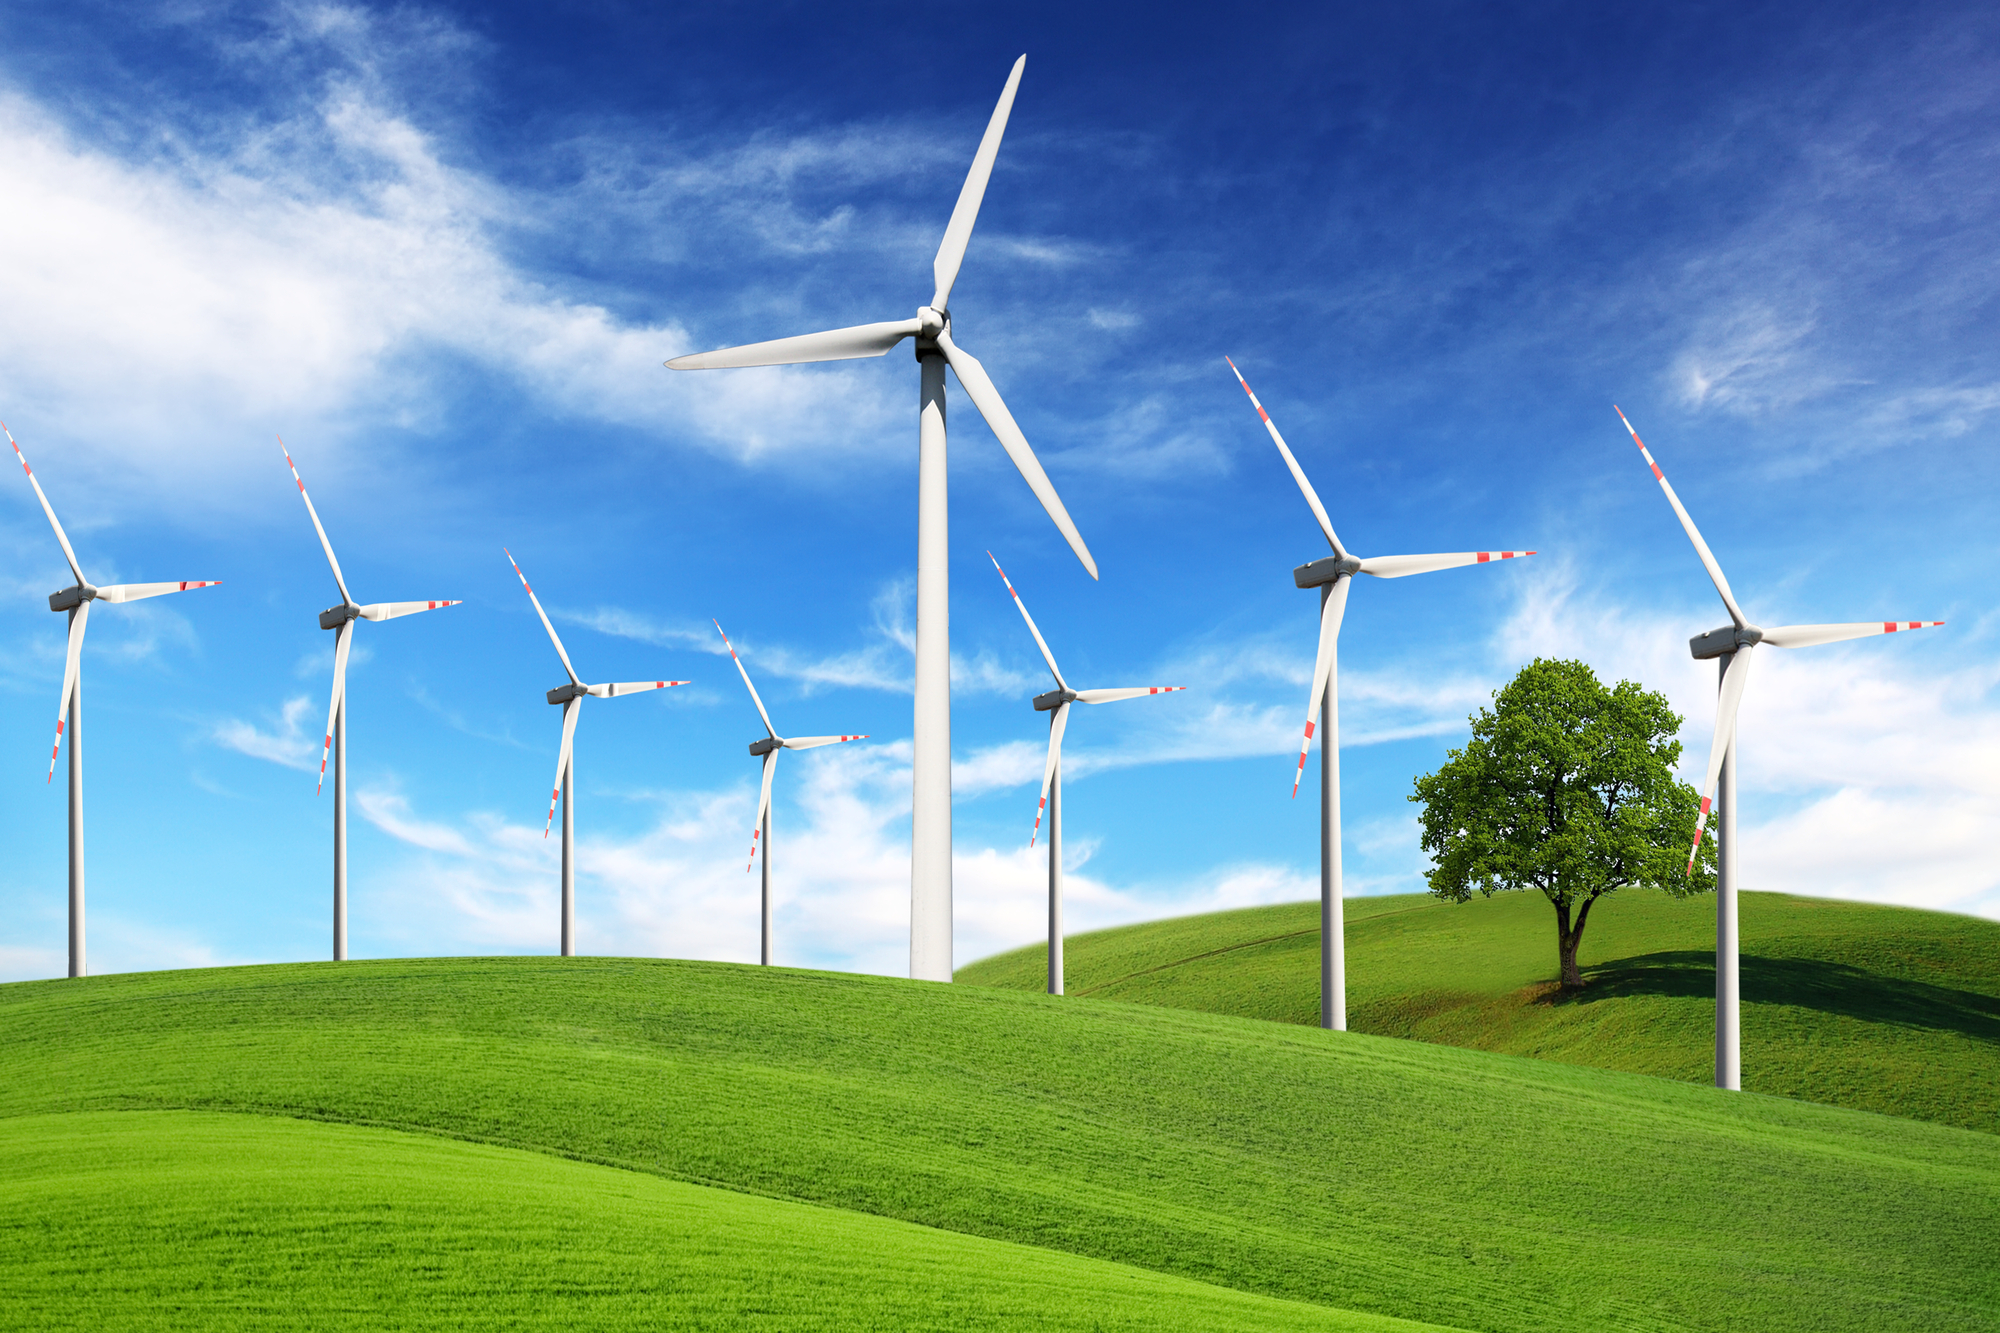 Vindmøller og energi